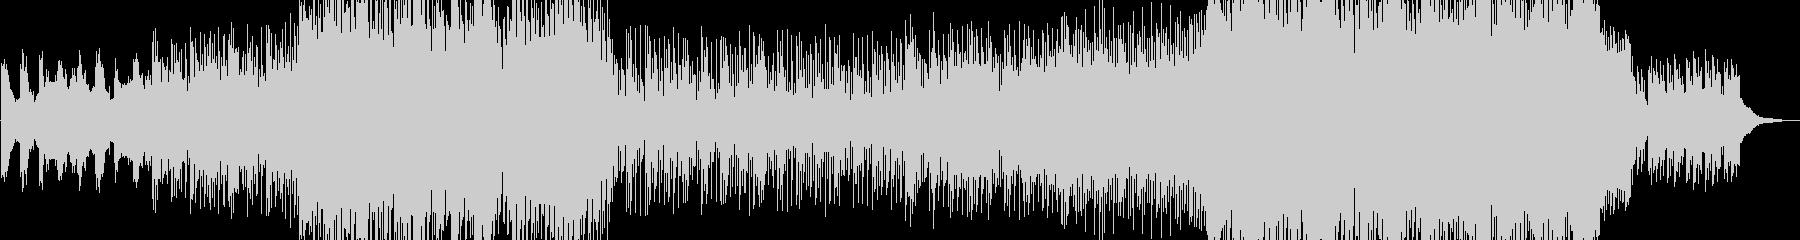 バイオリン生演奏/ピアノ/ハウスポップの未再生の波形